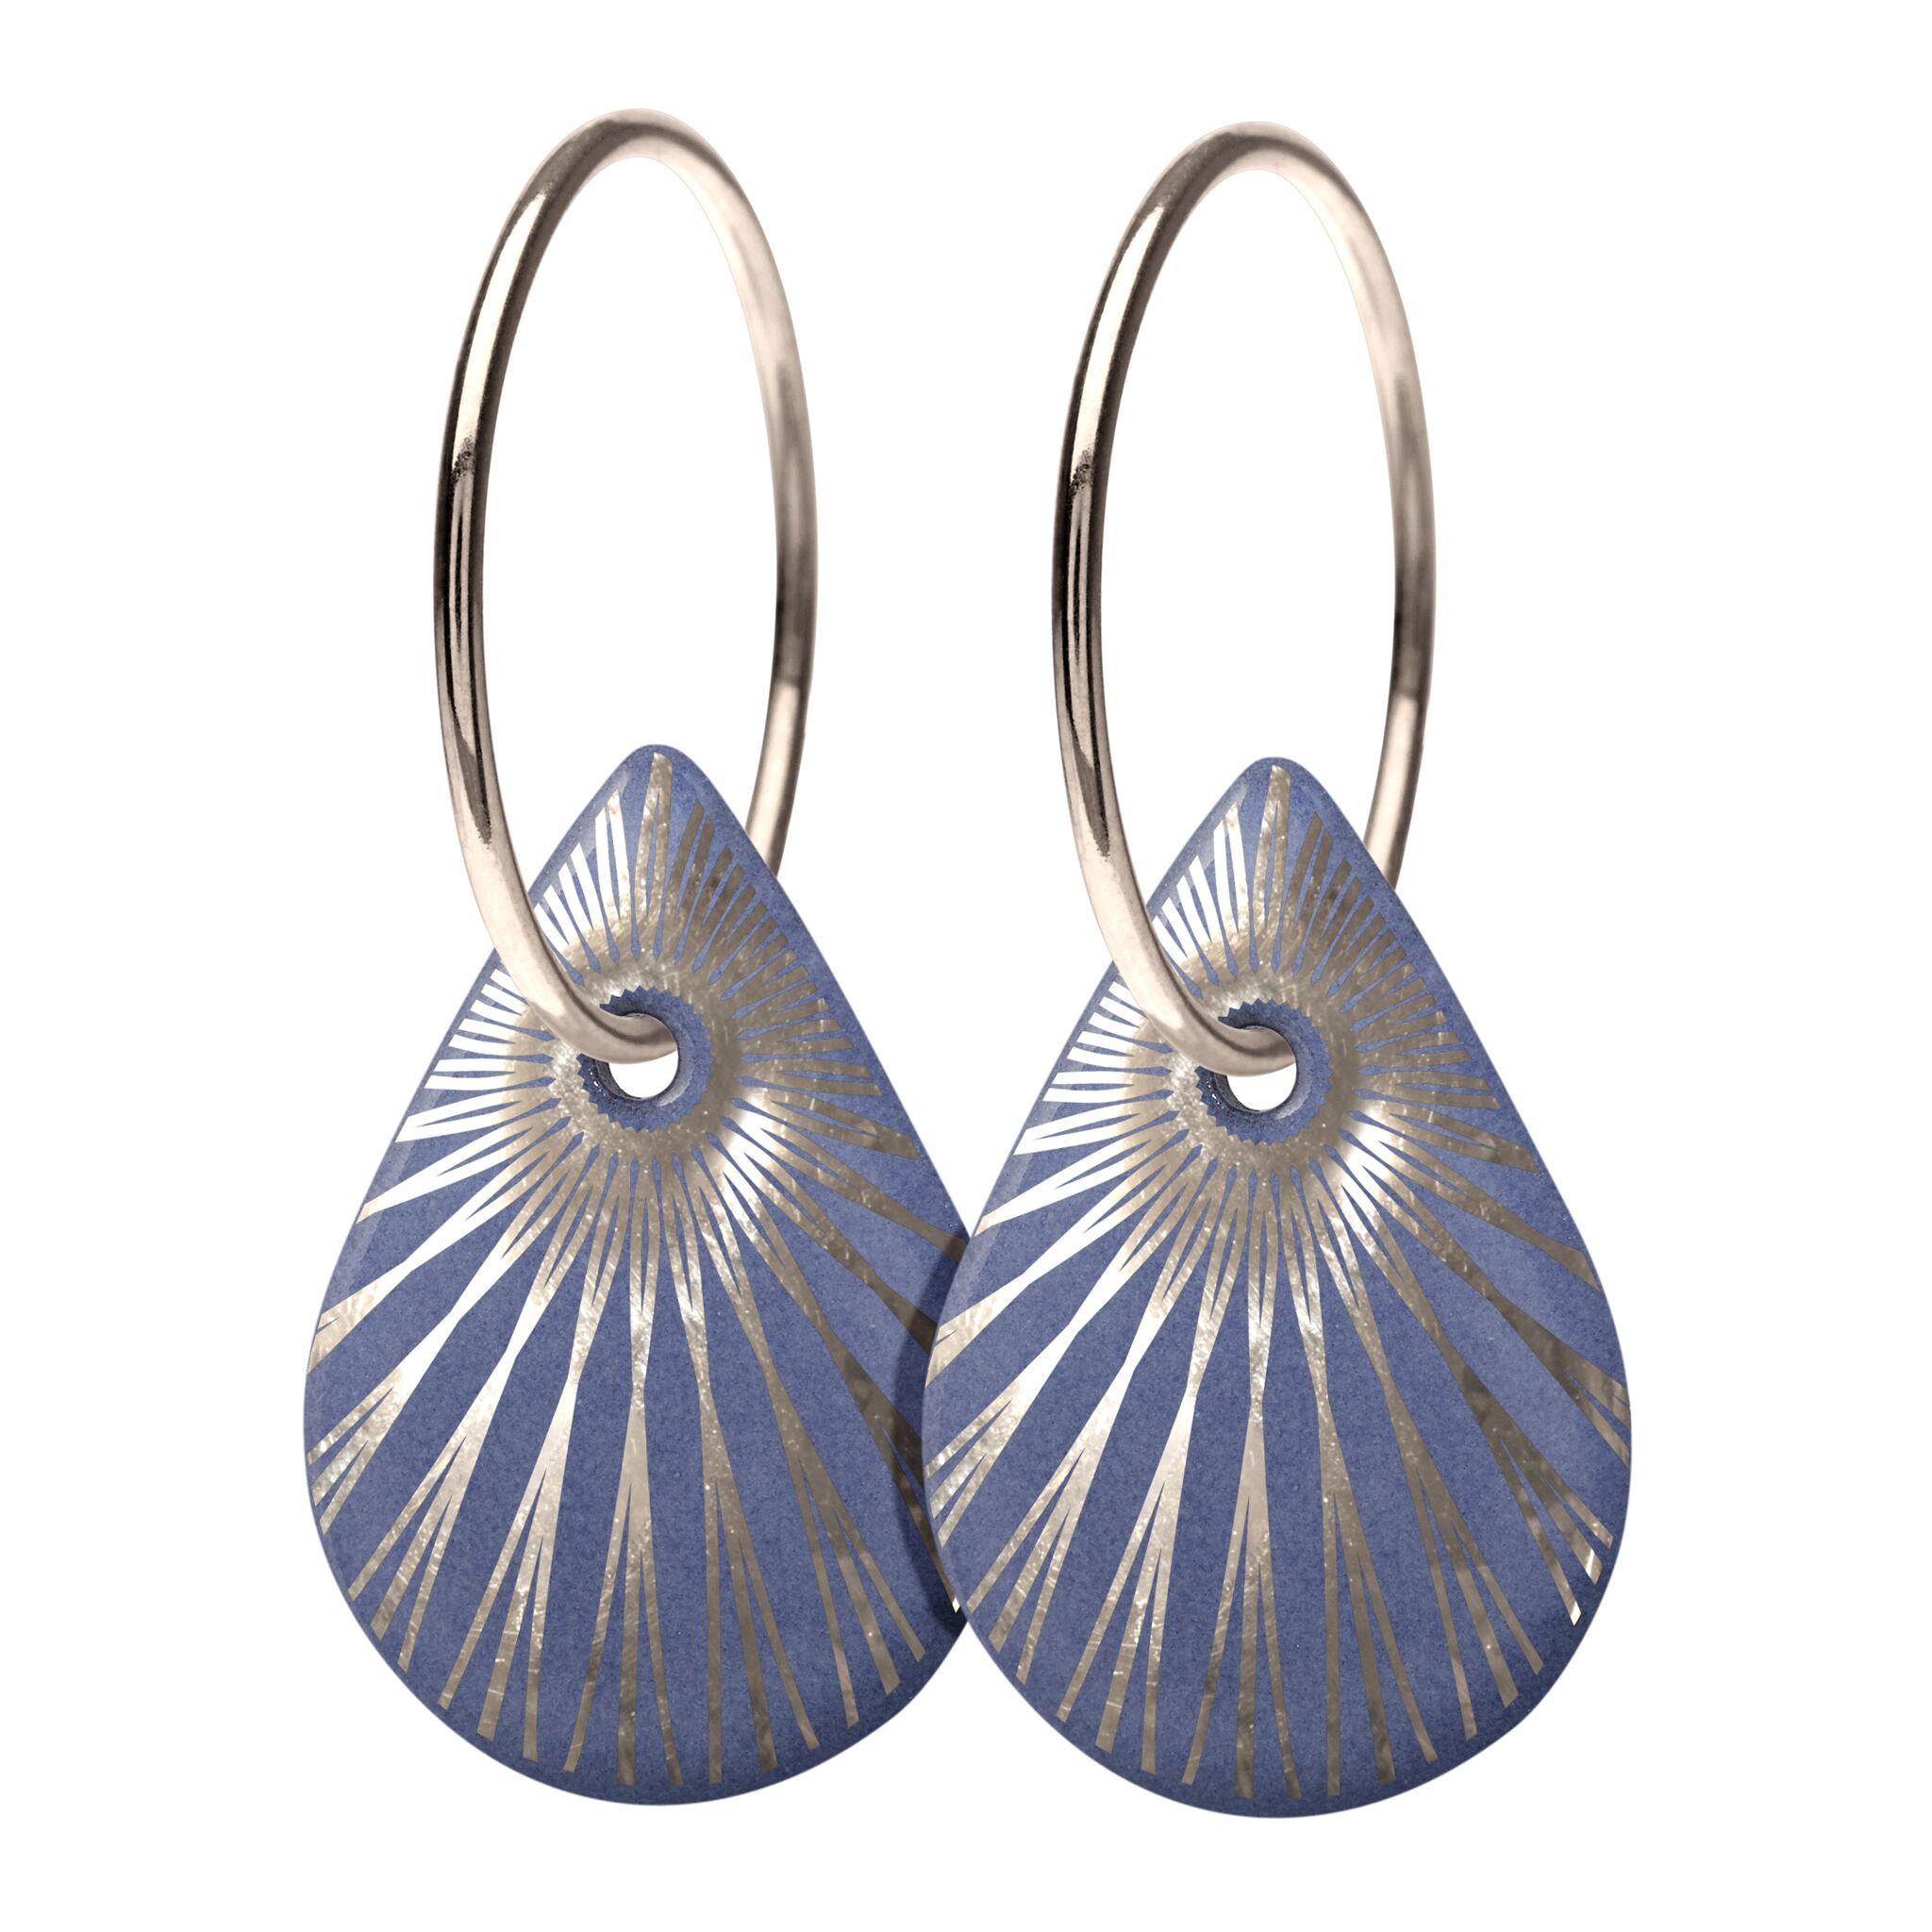 Scherning Splash Teardrop Sterling Sølv Øreringe med Porcelæn